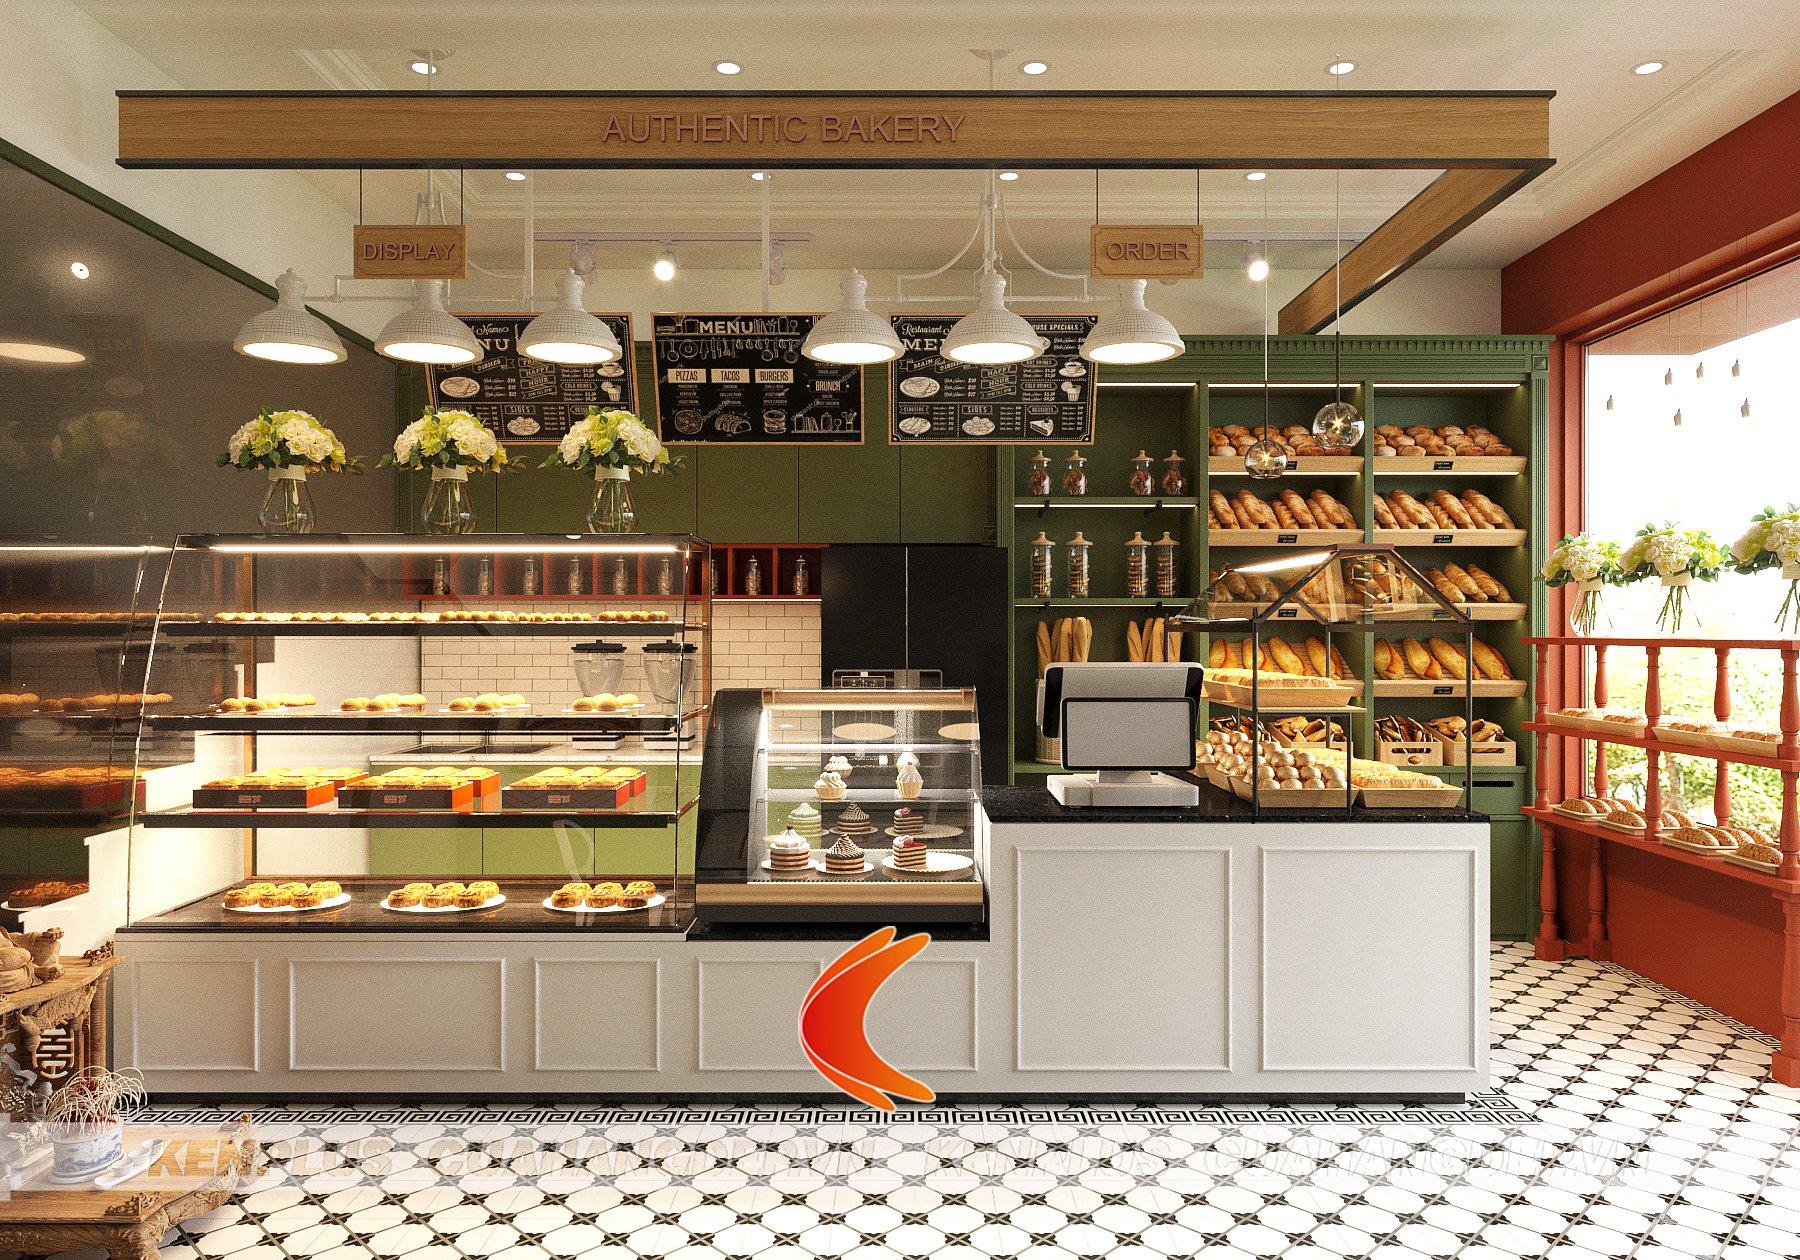 Mẫu thiết kế cửa hàng bánh Le Gateau phong cách tân cổ điển